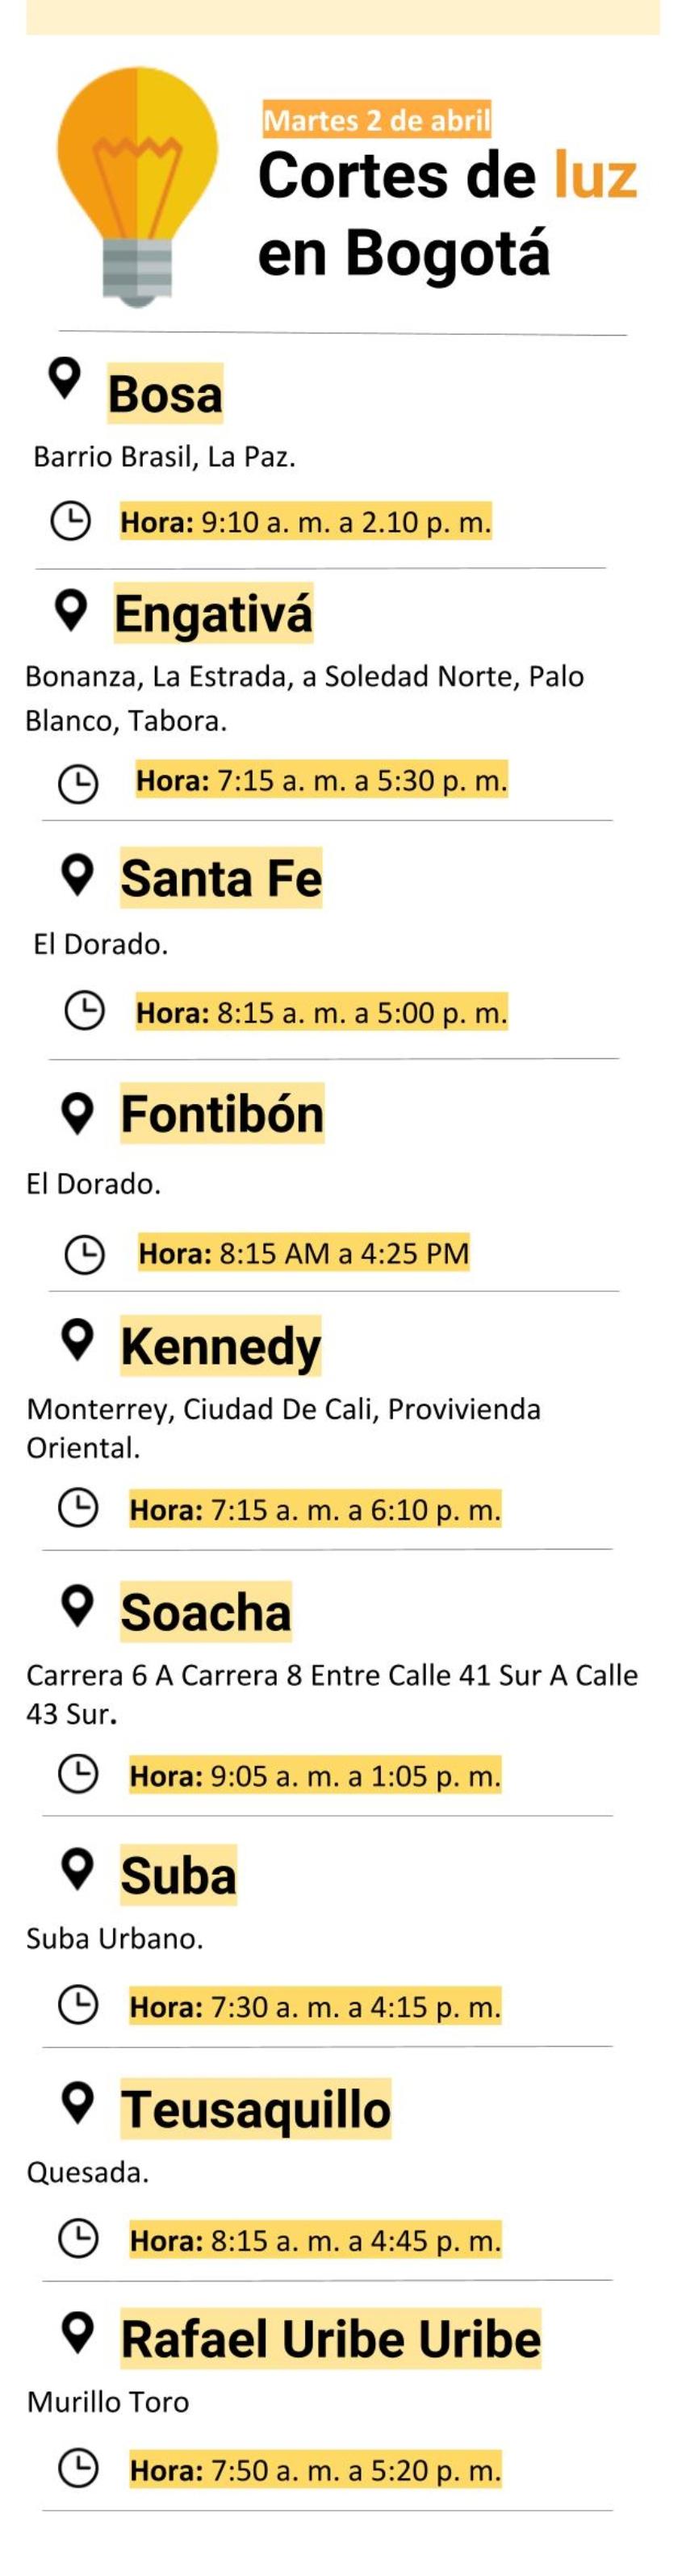 Cortes de luz en Bogotá martes 2 de abril